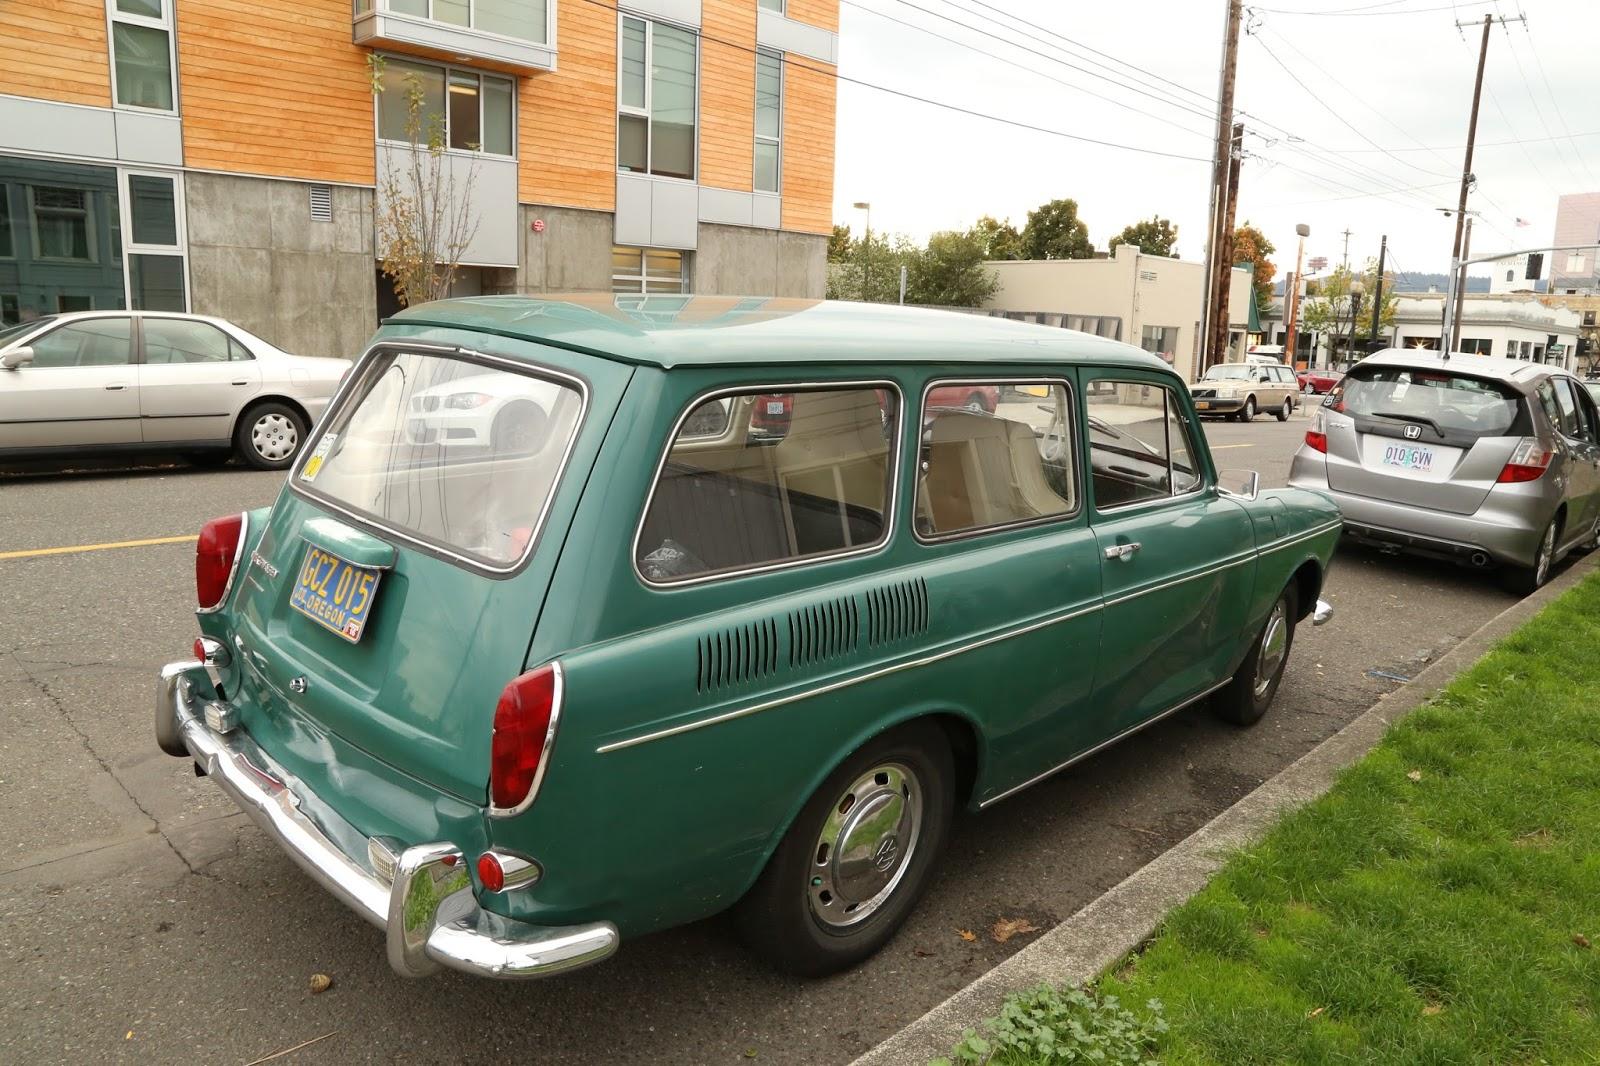 1968 Volkswagen Type 3 Squareback: Volkswagen Type 3, Volkswagen And Chang'e 3 On Pinterest